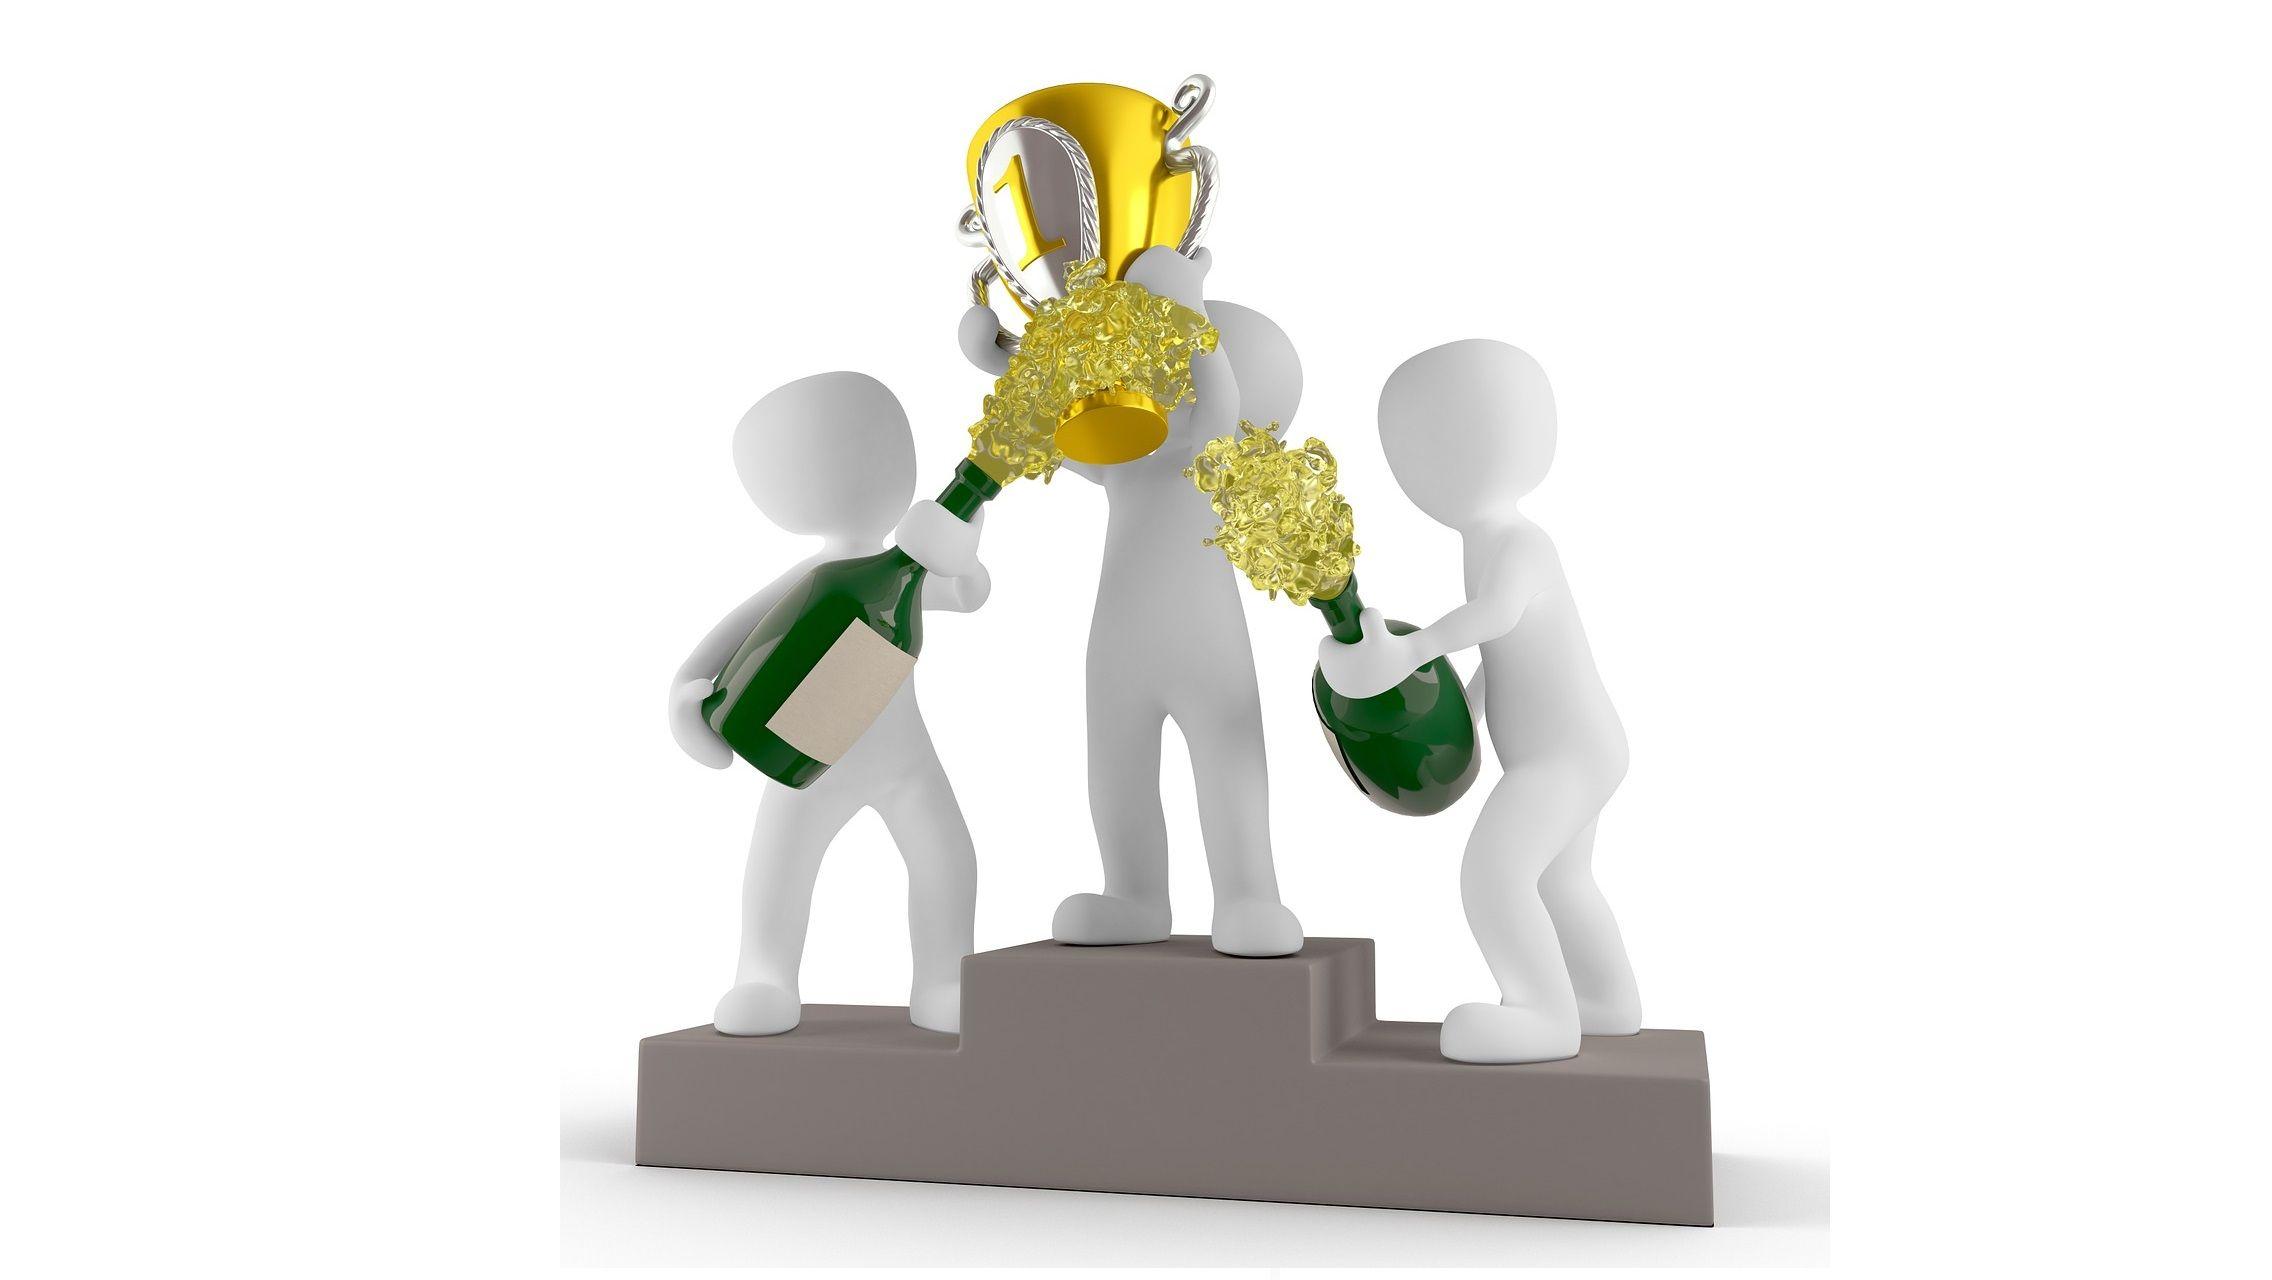 Concurso Blog WAMI. ¿Quieres ganar un diagnostico gratis para conocer cual es tu perfil de pensamiento creativo?. Participa y gana. Es muy simple